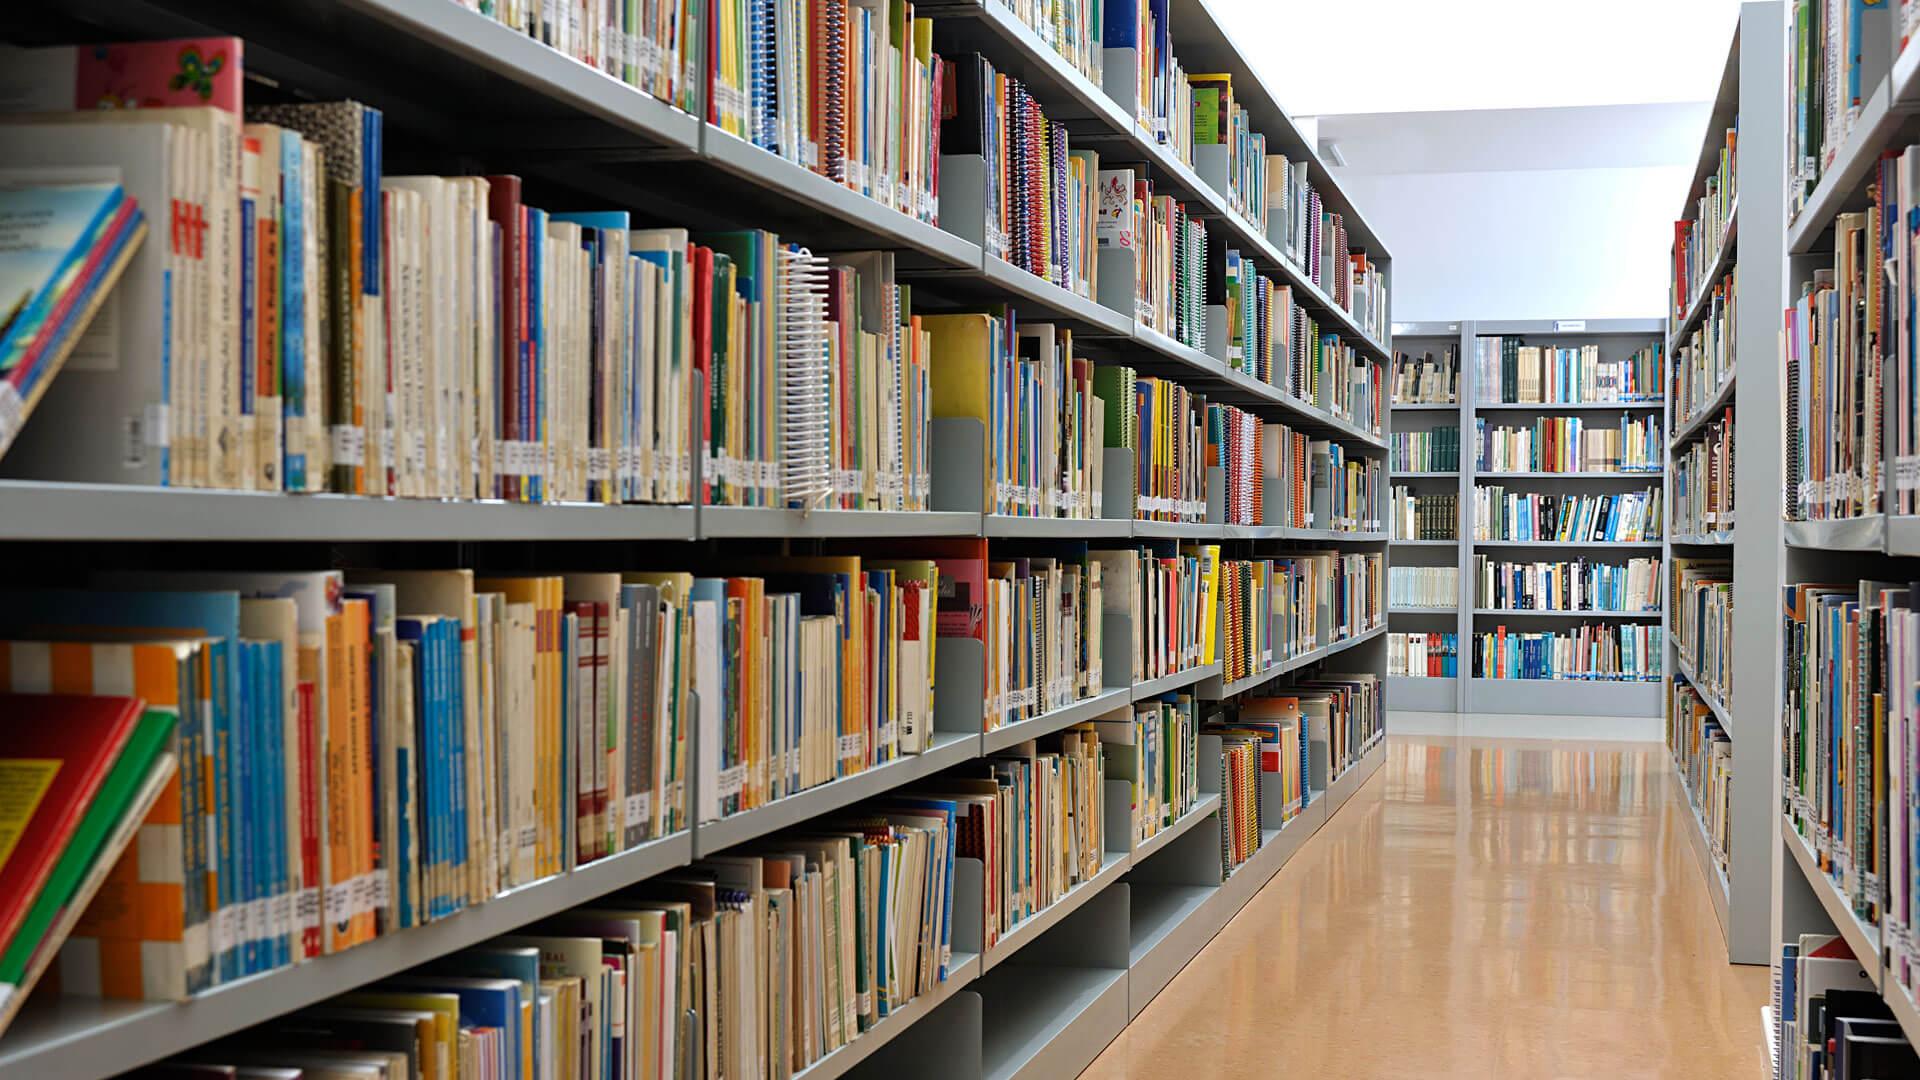 Ein Bild von einem Gang zwischen zwei gefüllten Bücherregalen. Am Ende des Ganges ist ein weiteres Bücherregal zu erkennen.